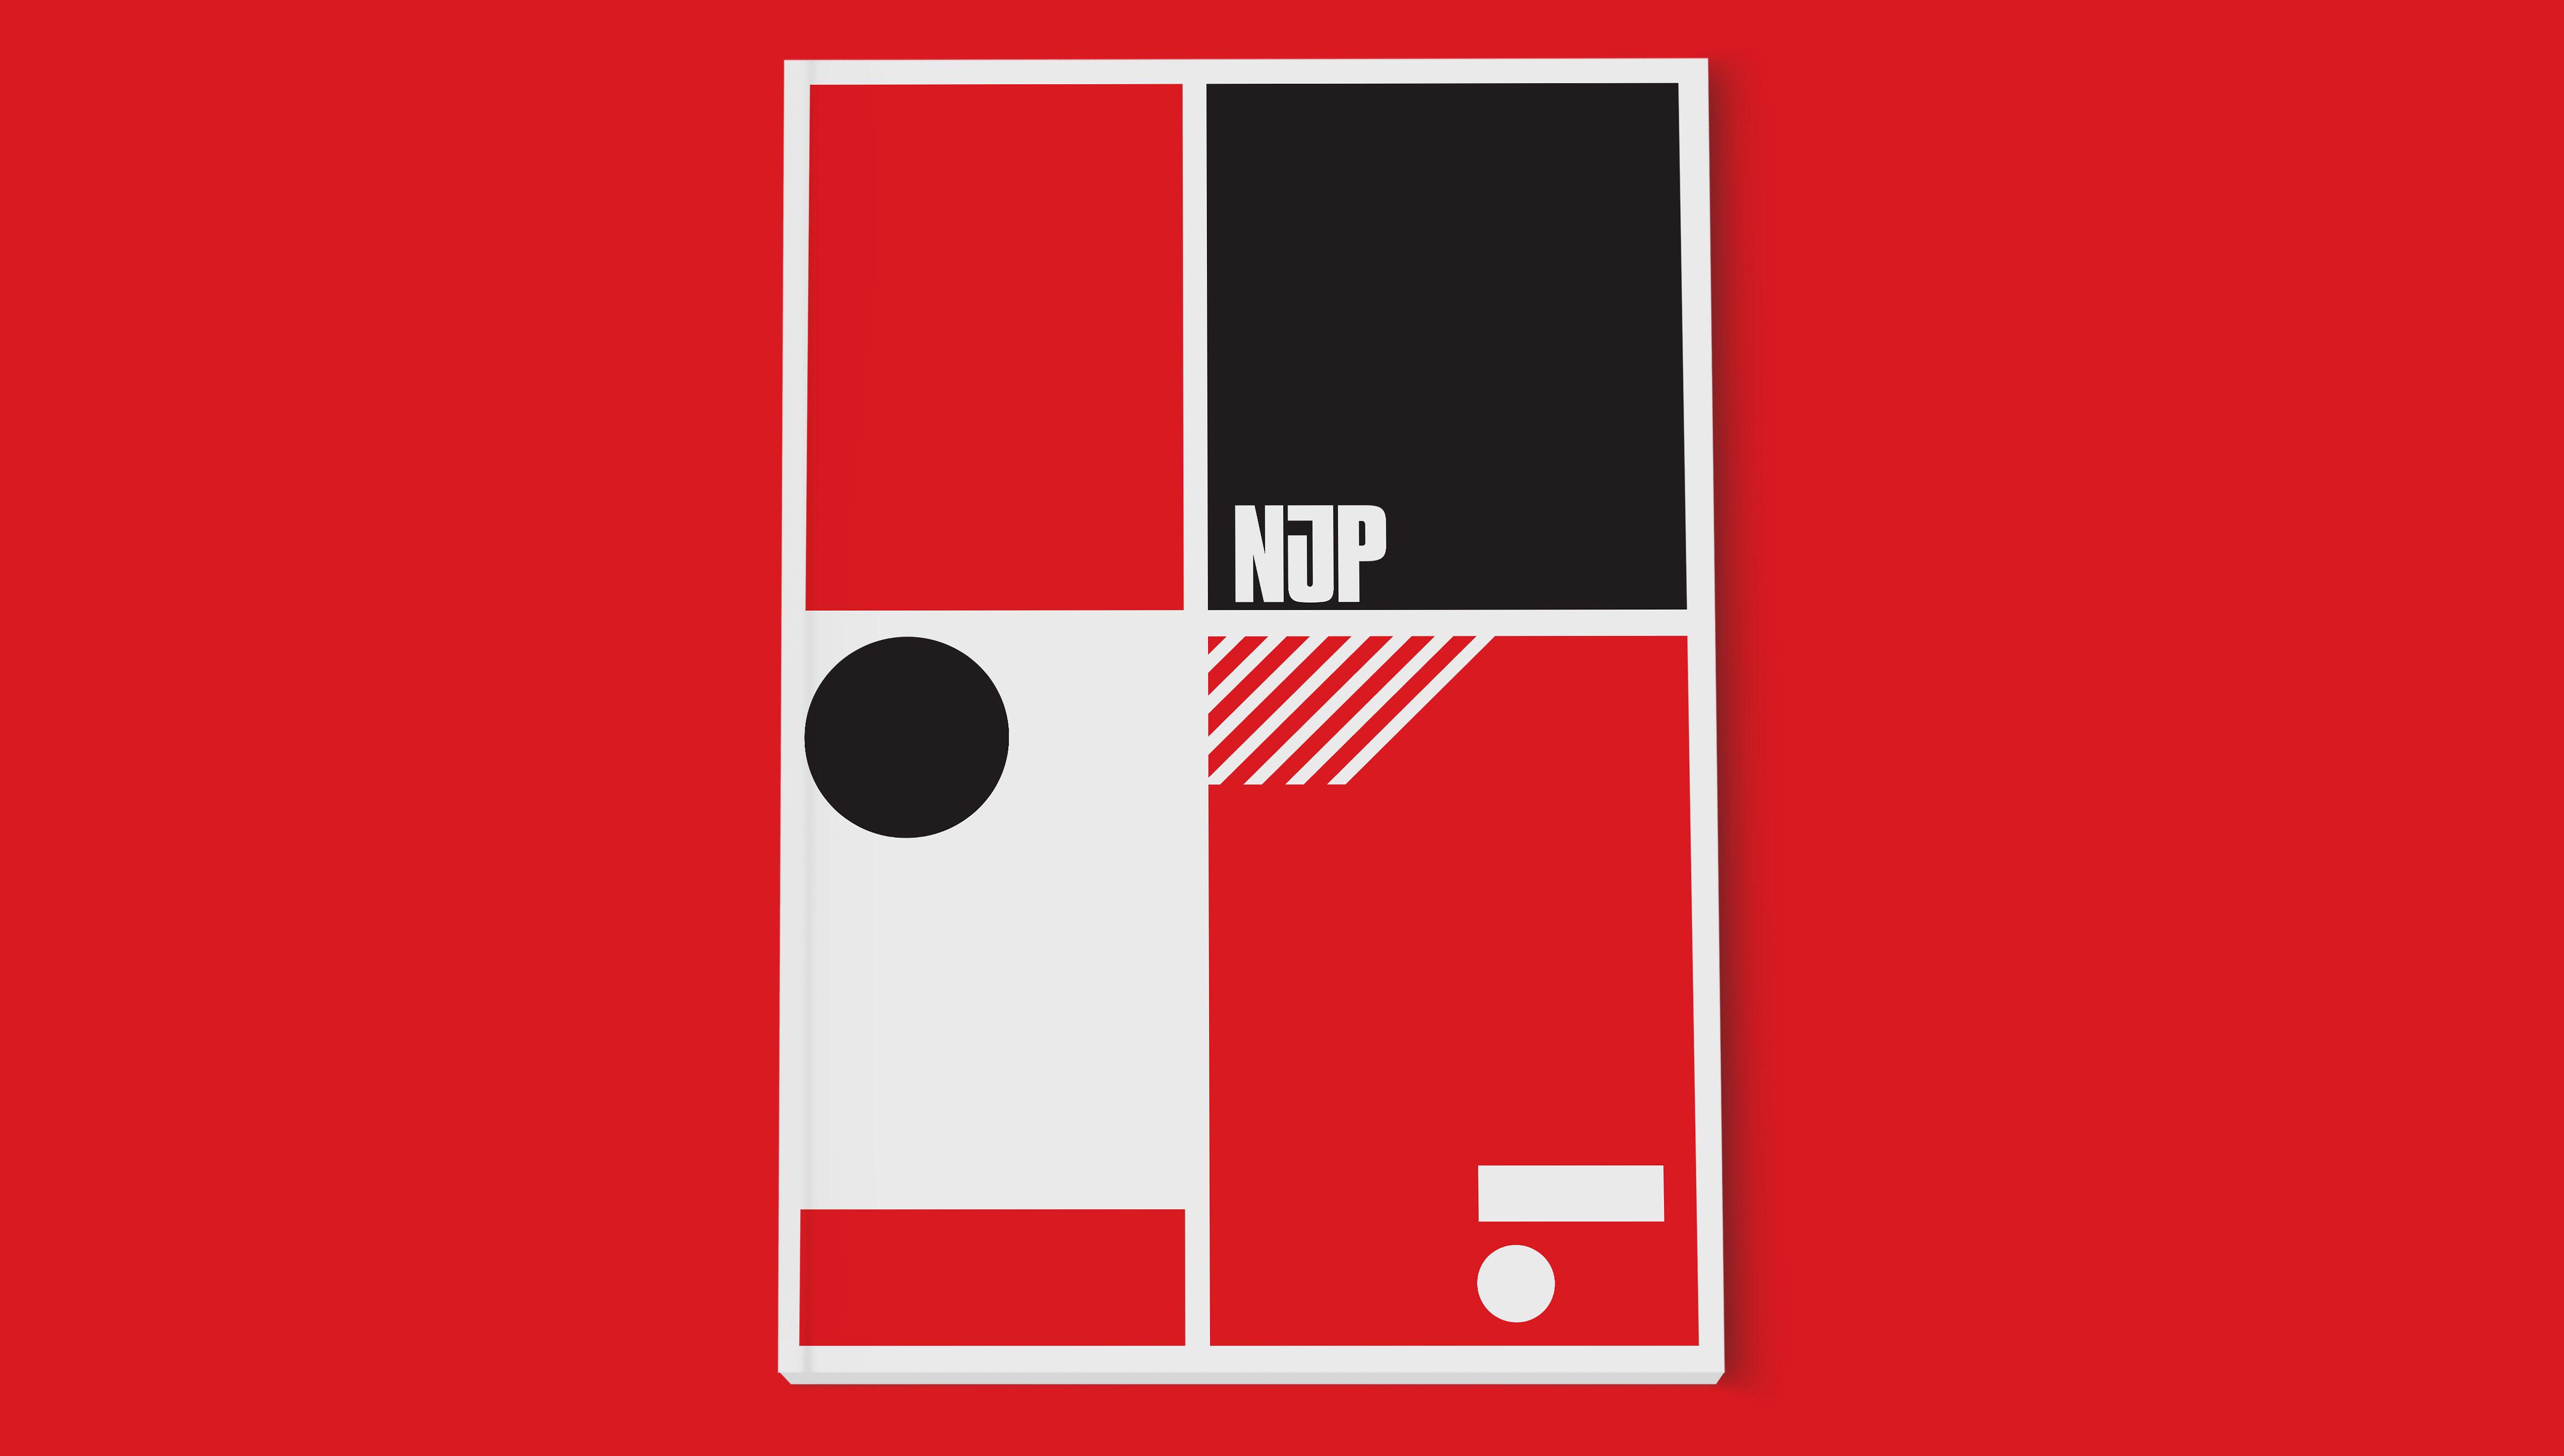 NJP No. 1